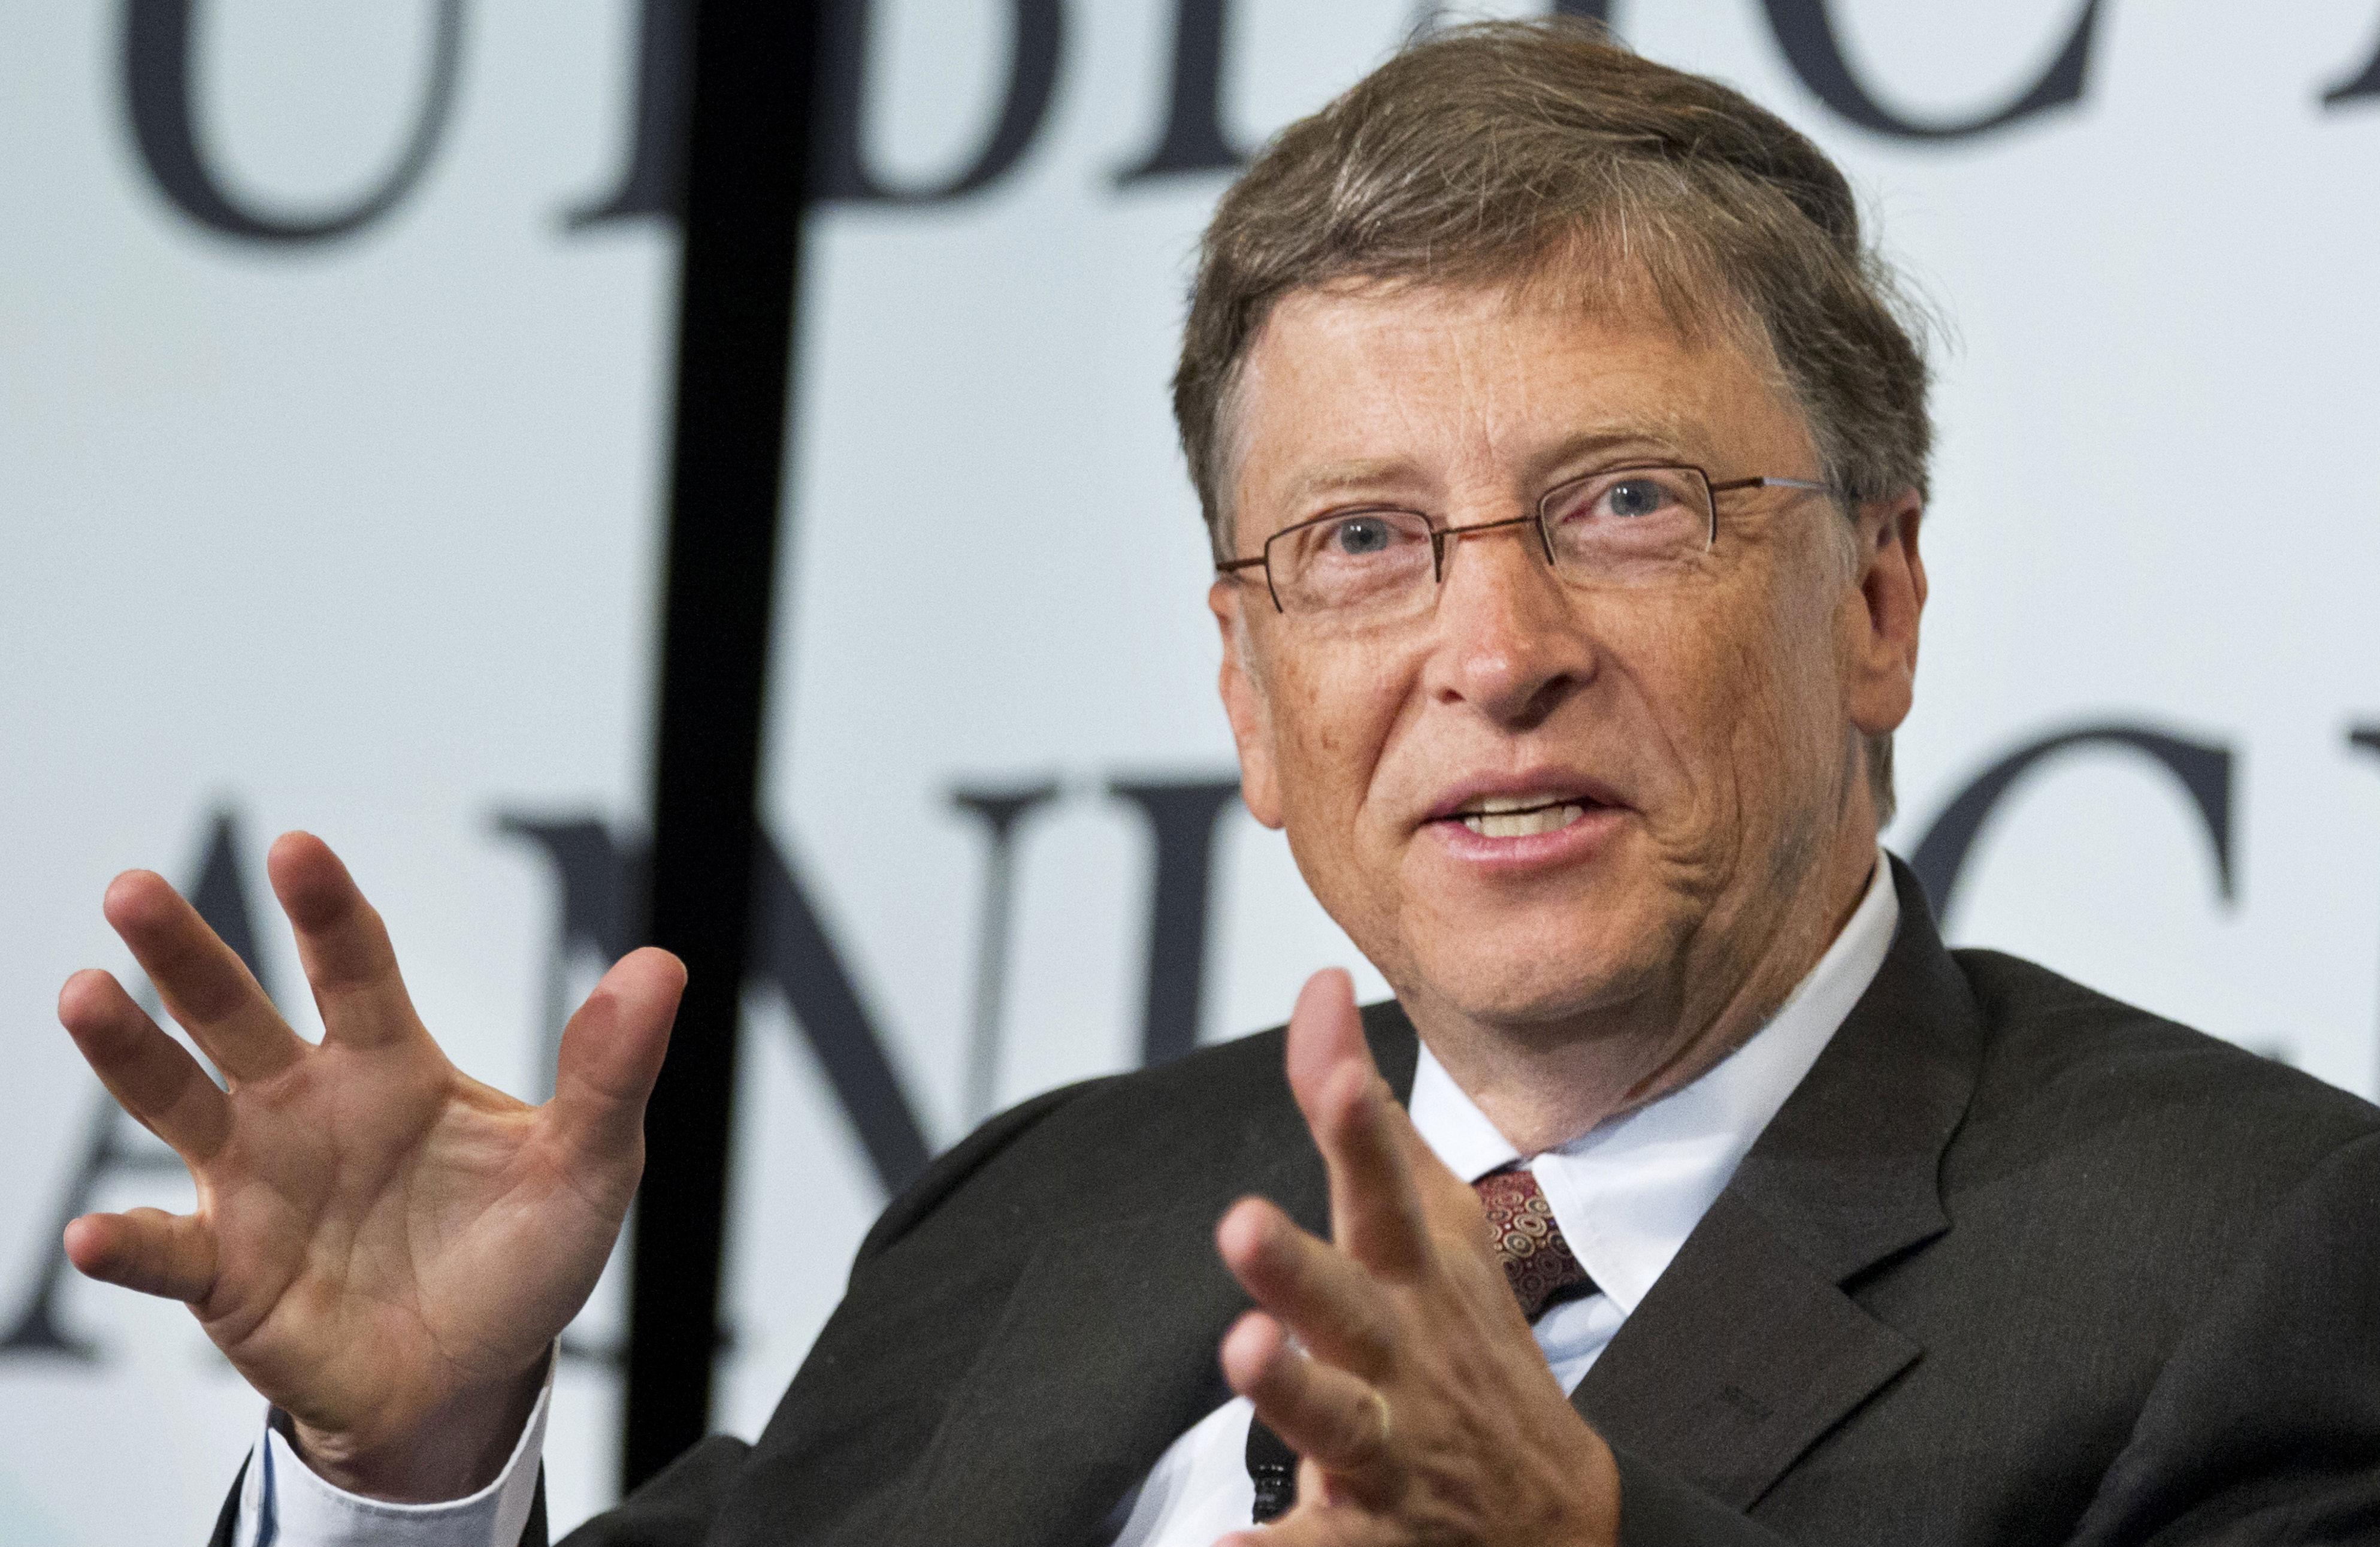 Билл Гейтс инвестирует в образование $1.7 млрд